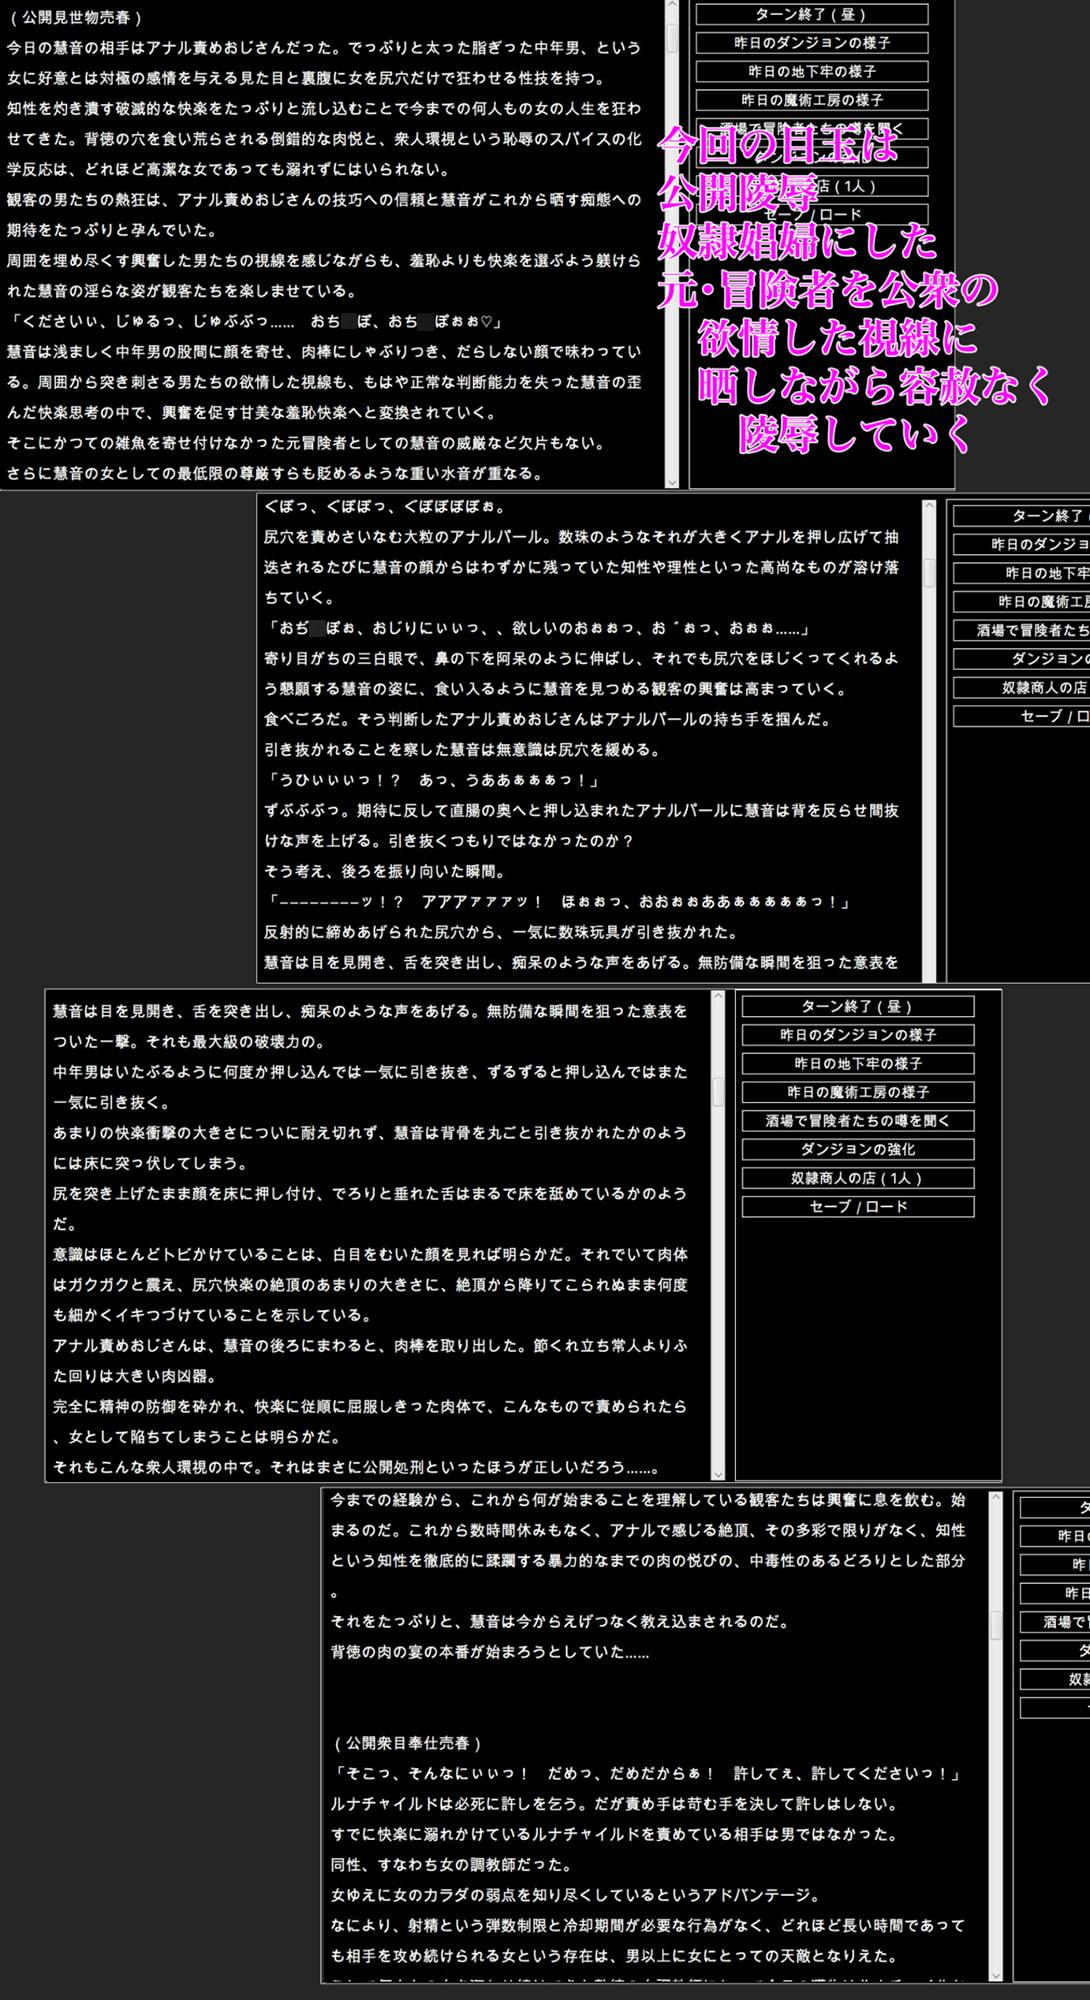 幻想エロトラップダンジョン敗北陵辱冒険記 外伝 奴隷娼婦調教録